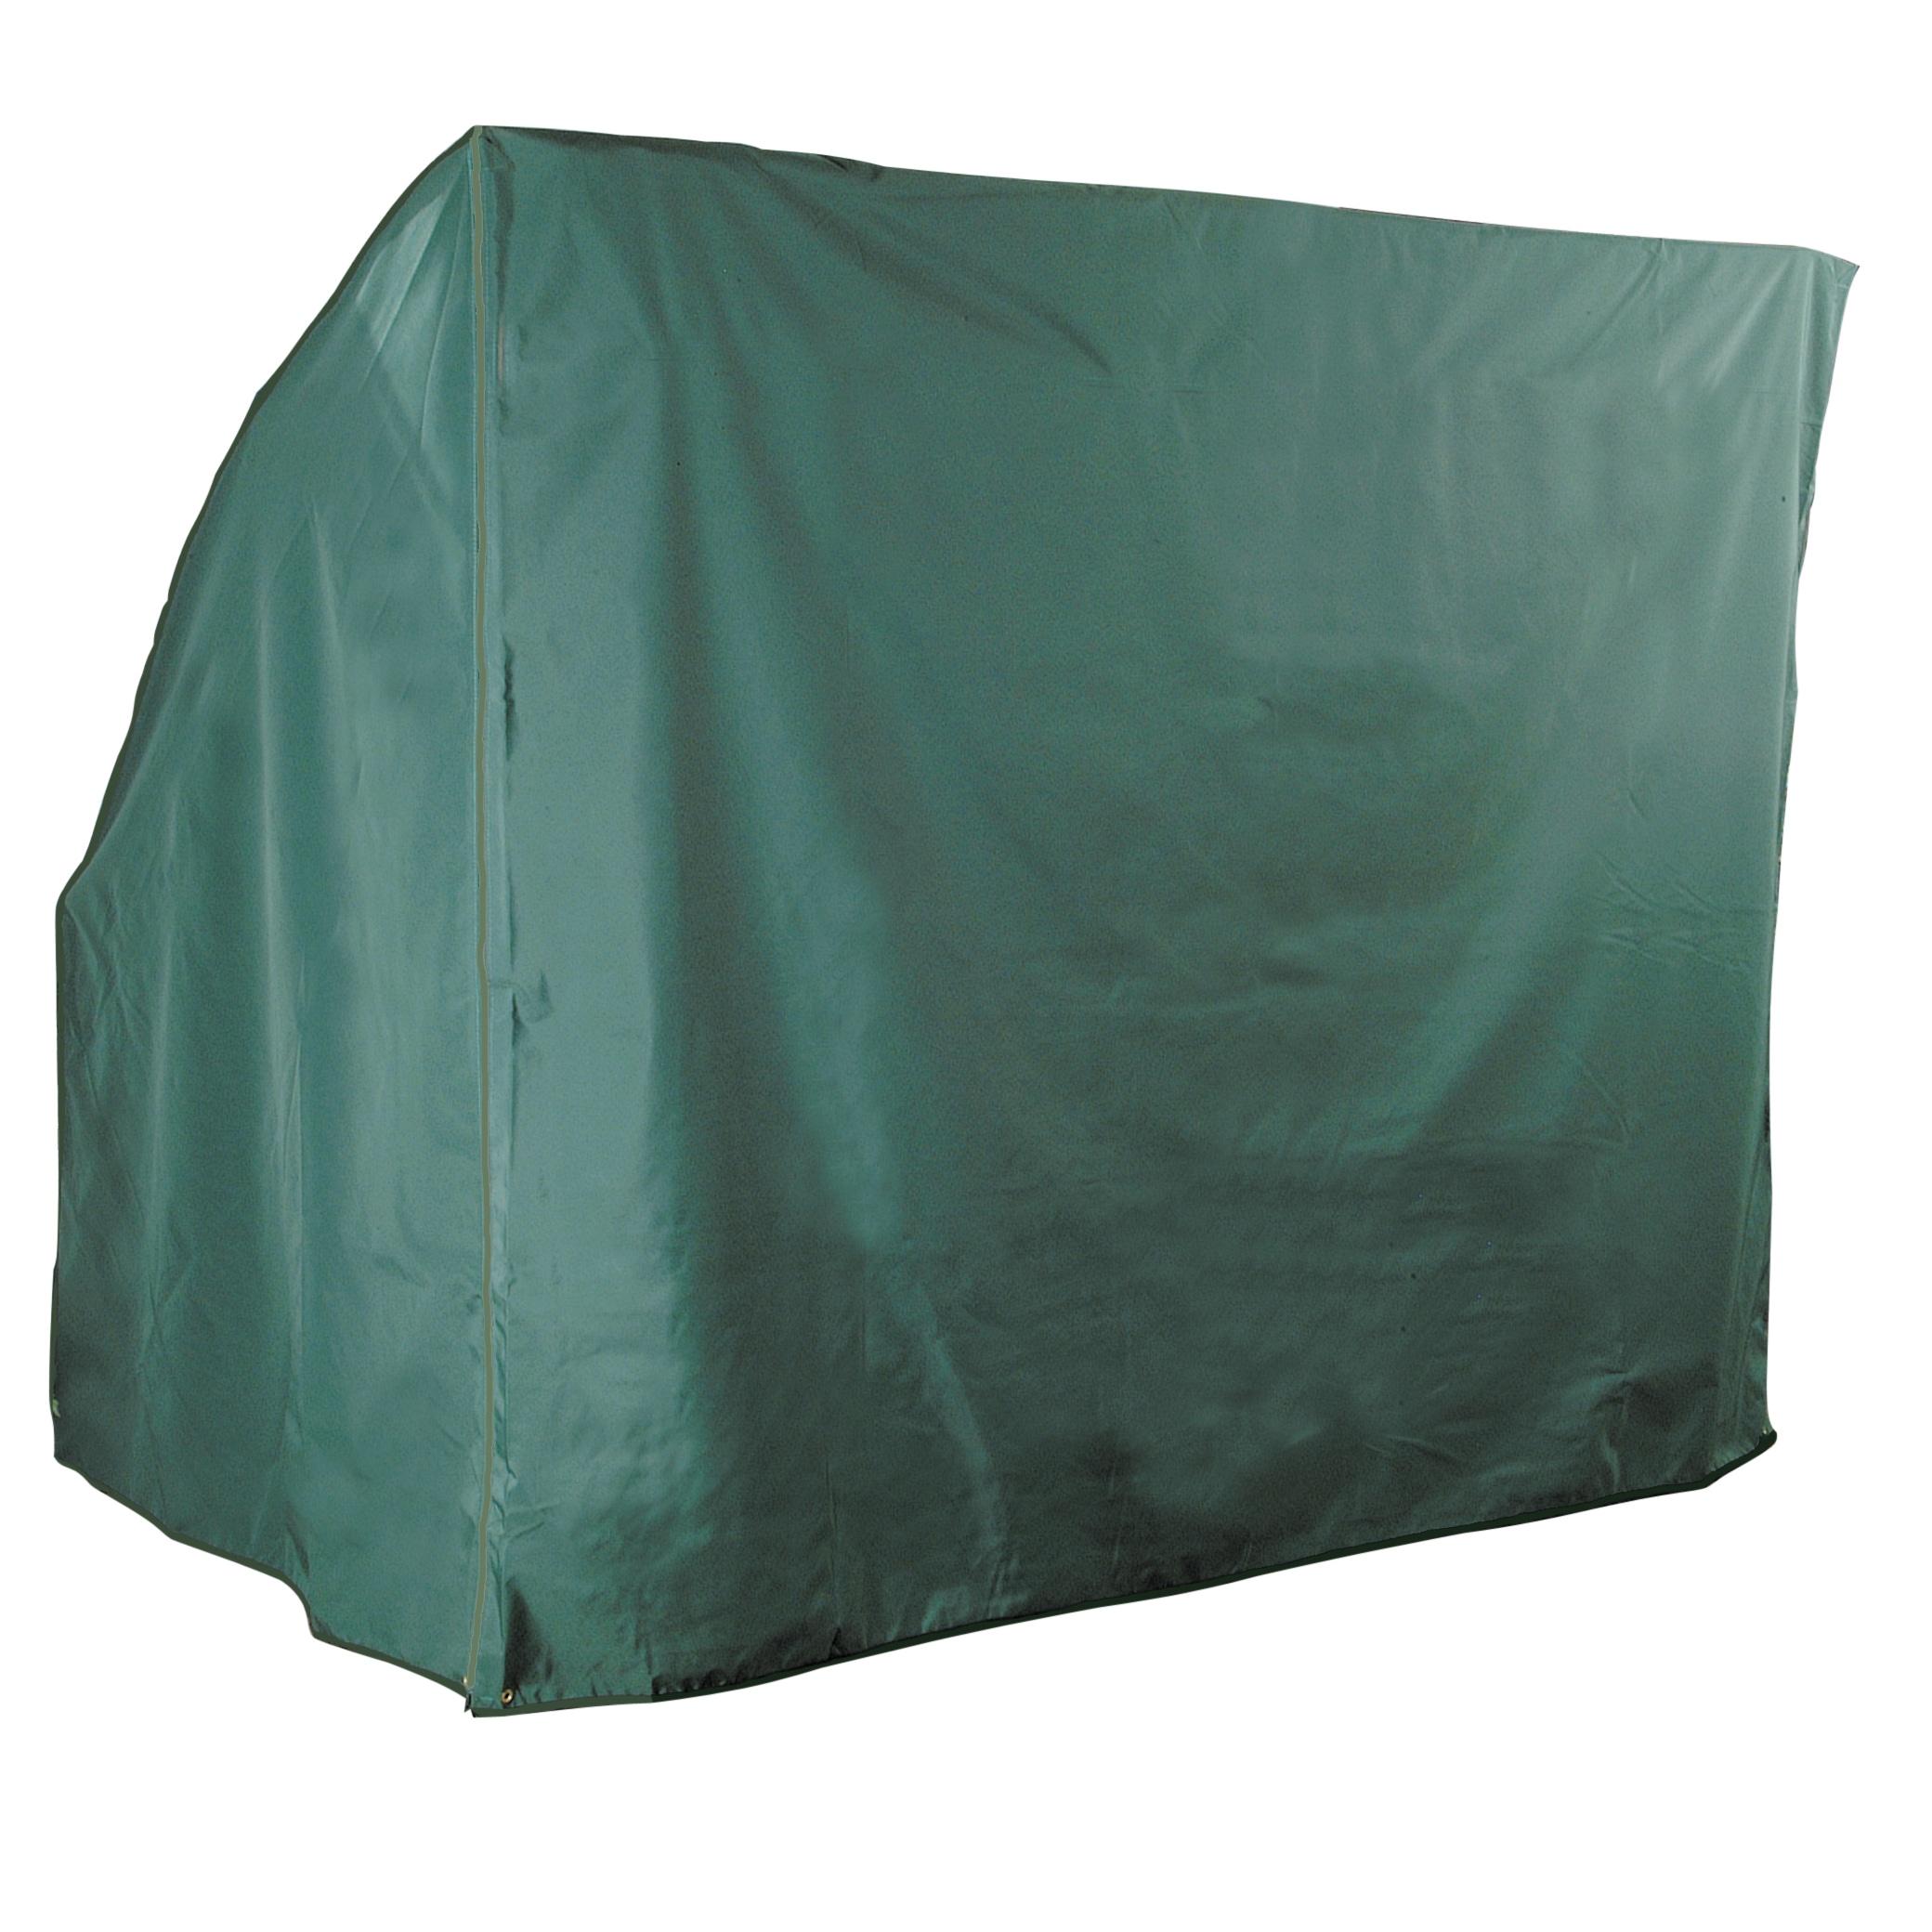 Bosmere Deluxe Weatherproof 68-inch Swing Seat Cover (Bosmere 68 Swing Seat Cover)